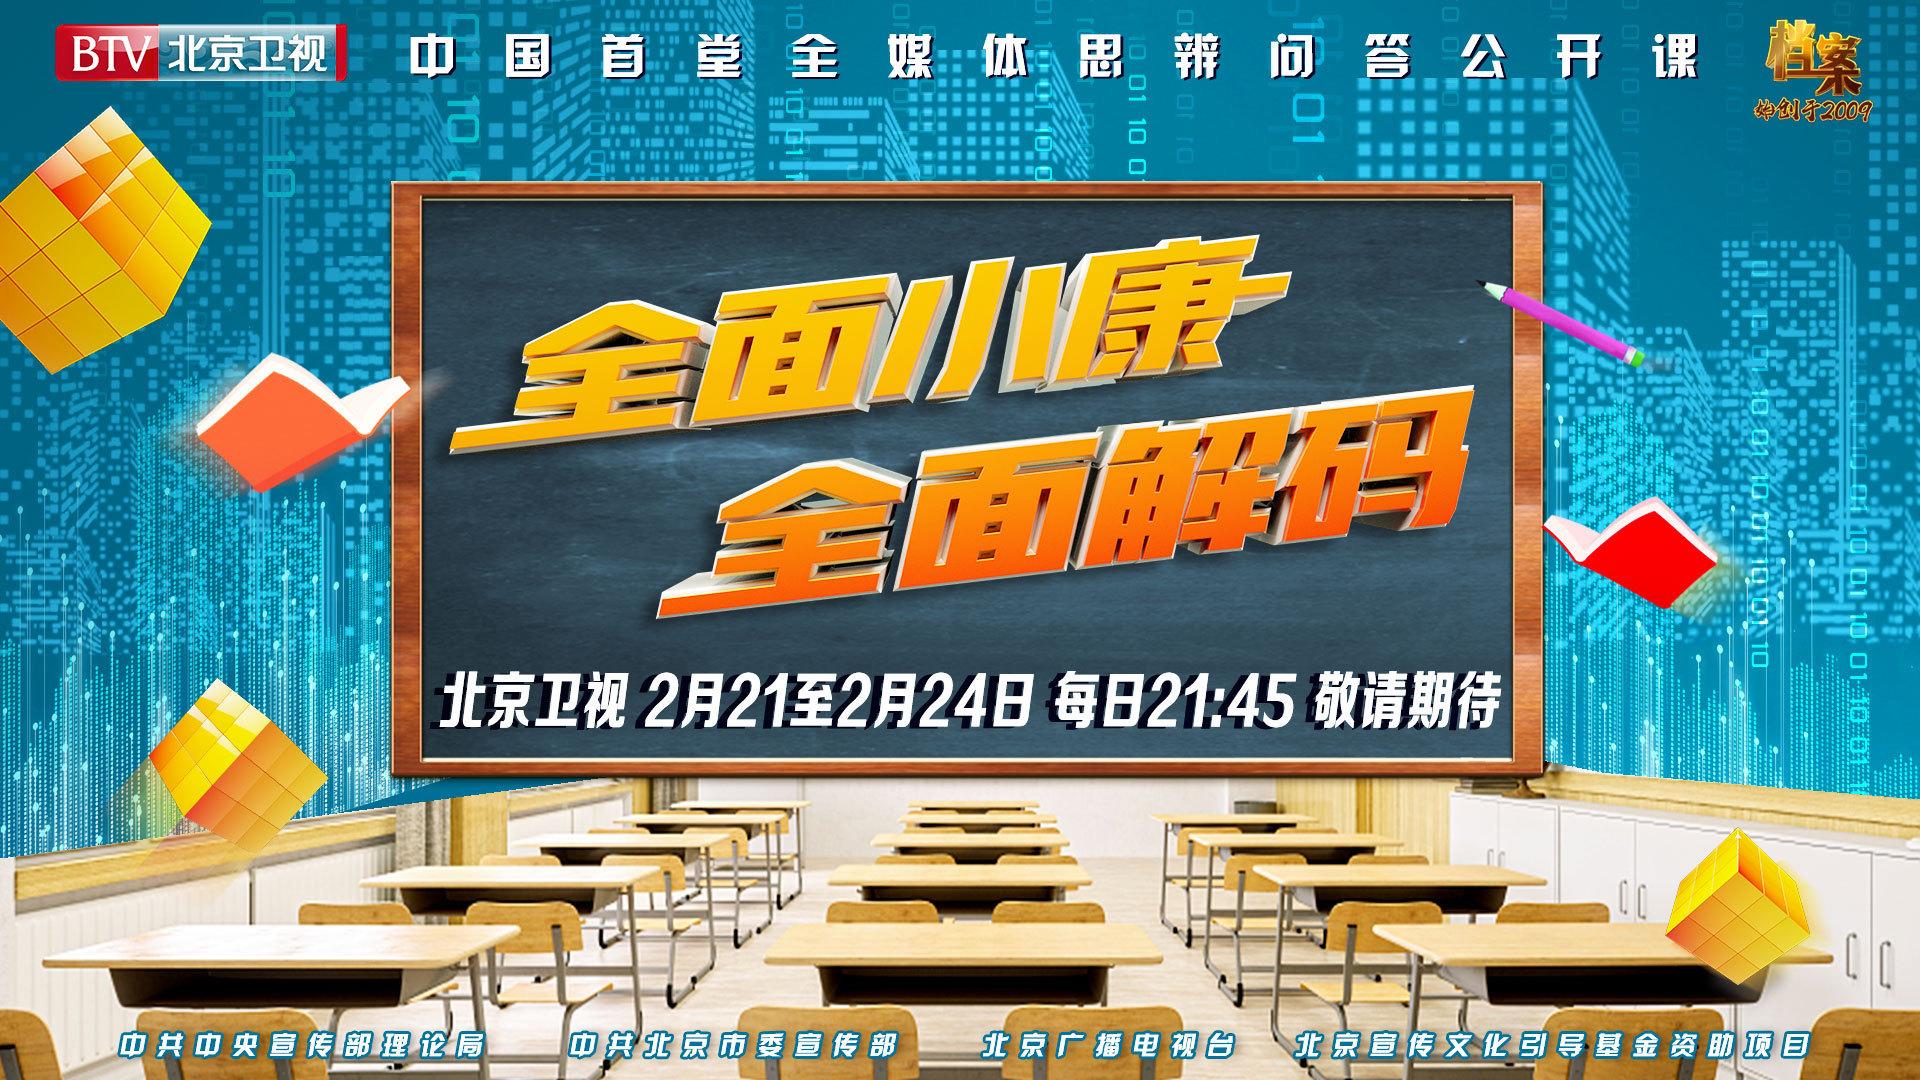 《全面小康 全面解码》北京卫视继续热播